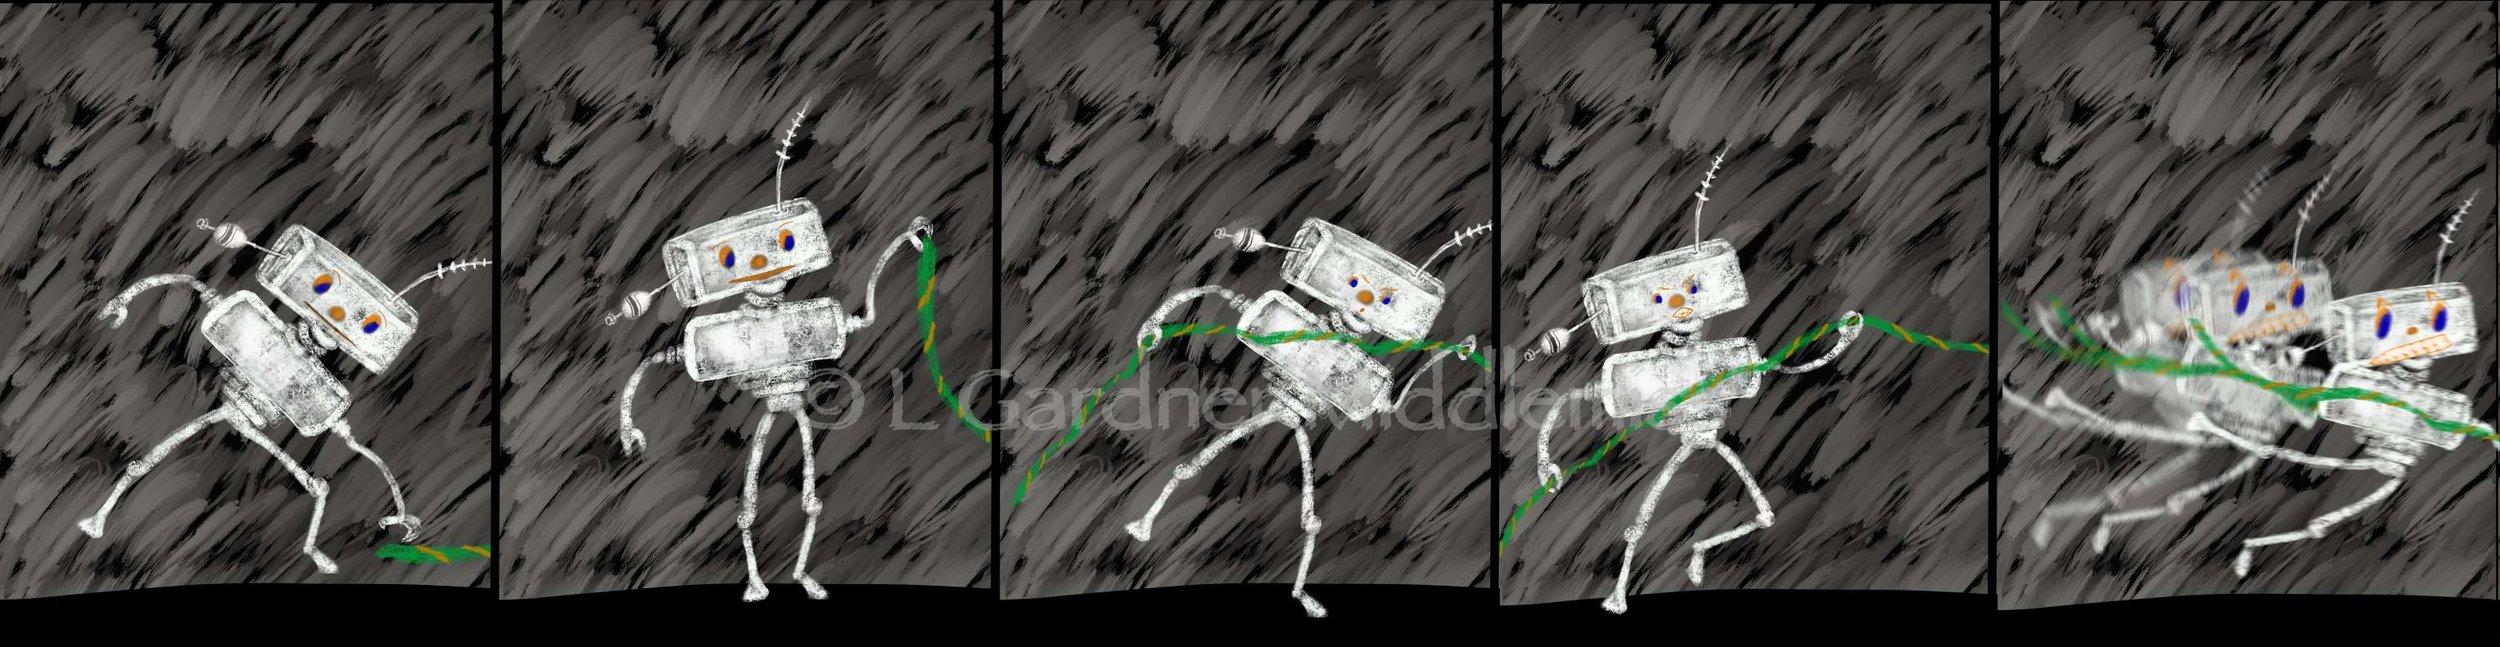 RobotStringSequence72_LOGO.jpg